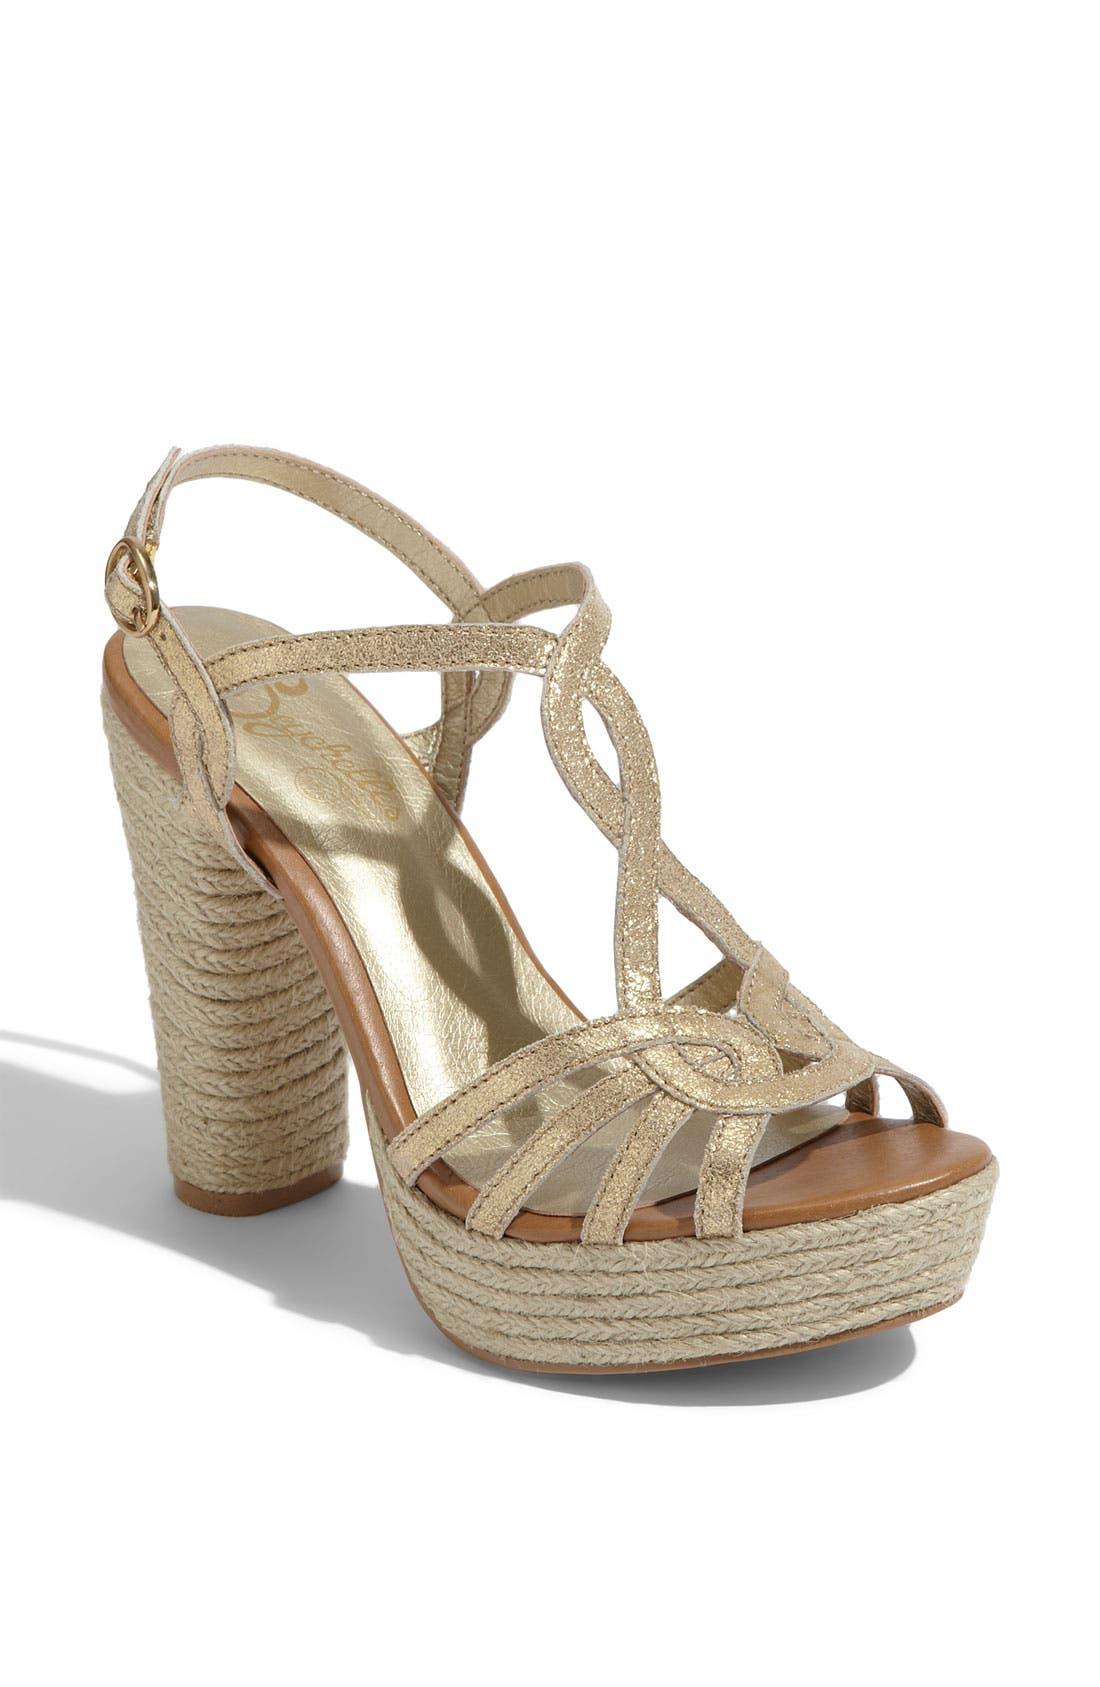 Alternate Image 1 Selected - Seychelles 'Pickford' Sandal